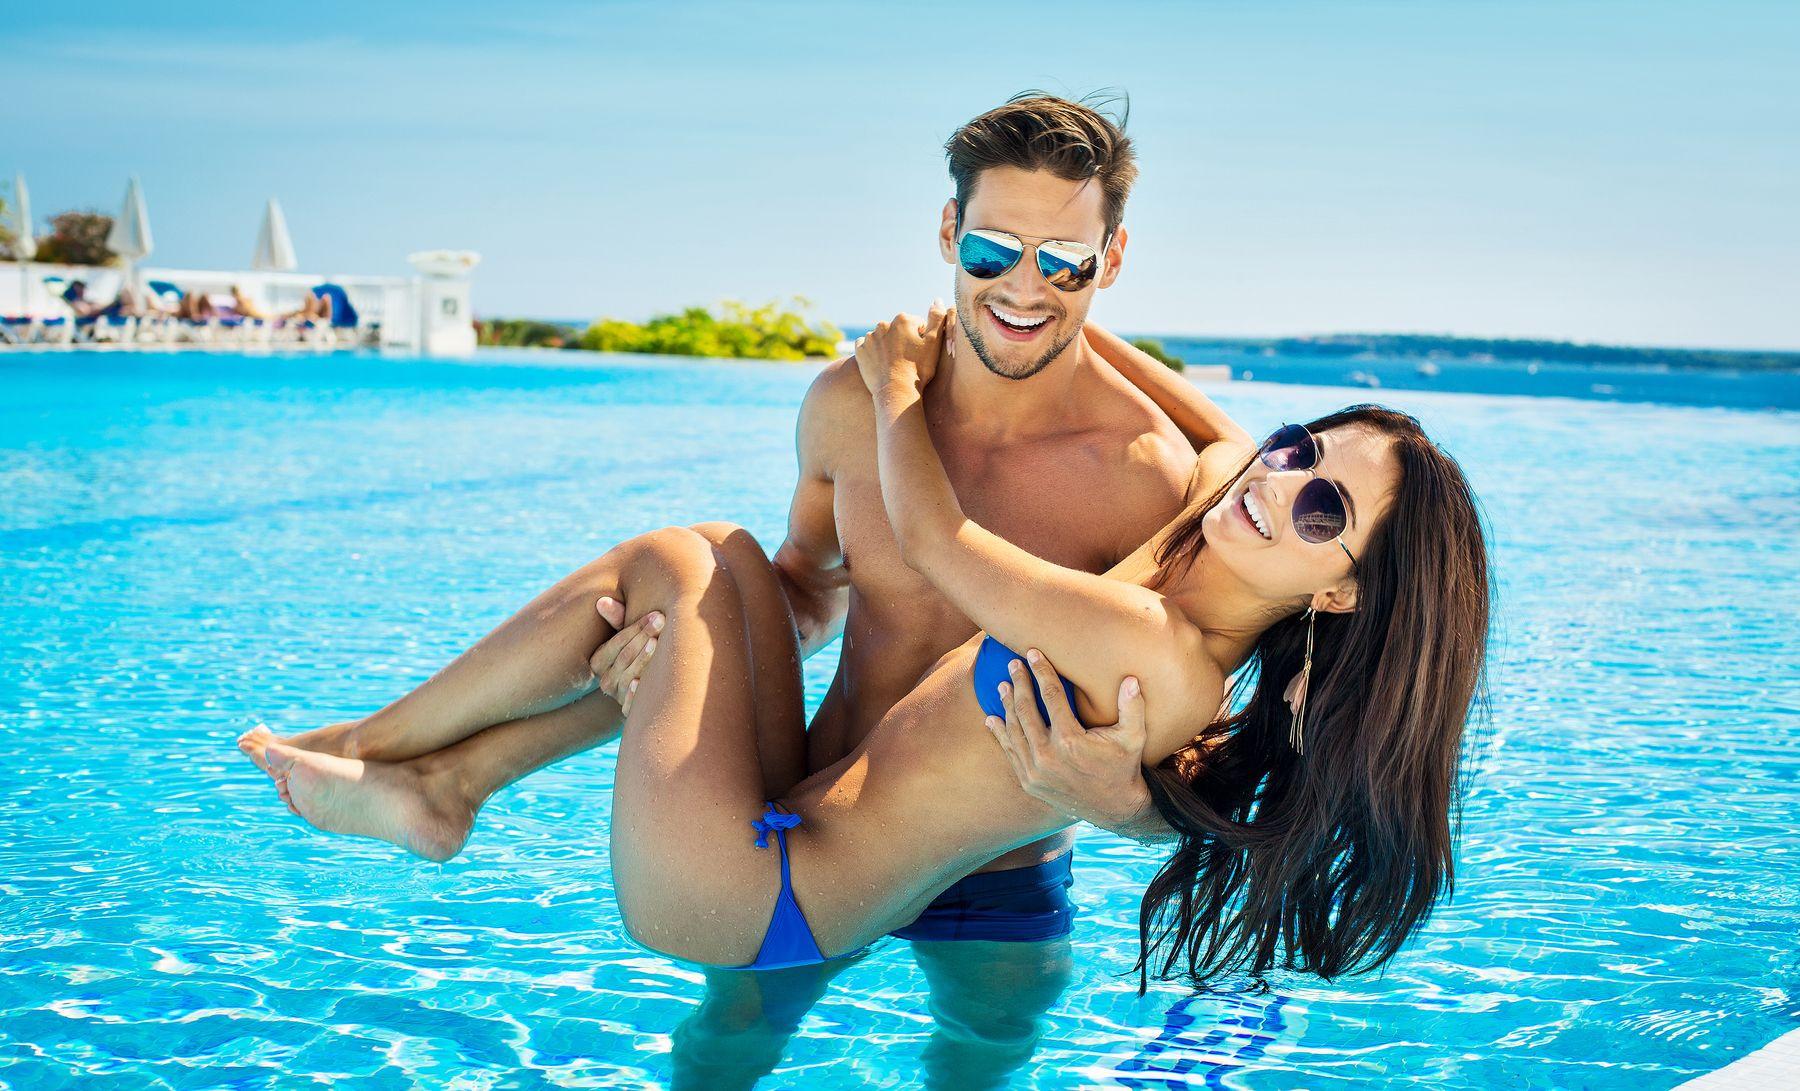 Savaitės atostogos Auksinių Smilčių kurorte Bulgarijoje! Jūsų lauks poilsis viešbutyje visai šalia smėlio paplūdimio!